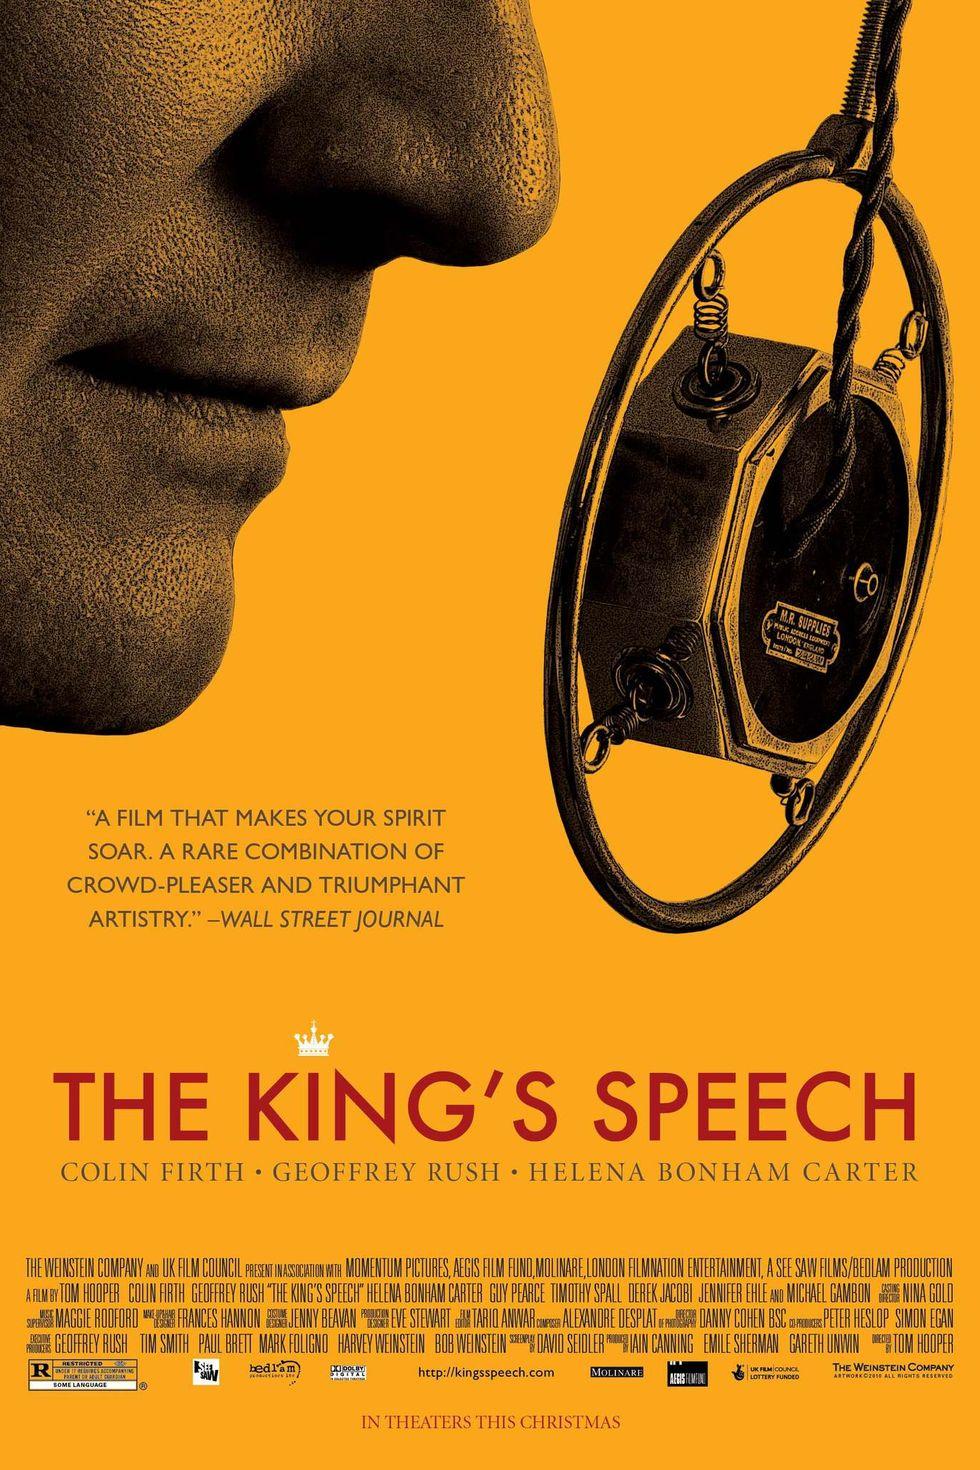 """""""Речта на краля"""" (2010) Драмата от раз печели """"Оскар"""" за най-добър филм, а Колин Фърт, който играе Крал Джордж VI – грабва наградата на Филмовата академия на САЩ за най-добър актьор. Лентата разказва за скоростното възкачване на Джордж VI на английския трон, малко след като брат му Едуард VIII абдикира. Новият крал обаче по рождение страда от сериозен говорен дефект. Поемайки ролята на монарх на Великобритания и обединител на нацията в навечерието на Втората световна война, той трябва да се справи със заекването си и го прави с помощта на ексцентричния логопед Лайнъл Лог (Джефри Ръш) и неговата неконвенционална терапия."""